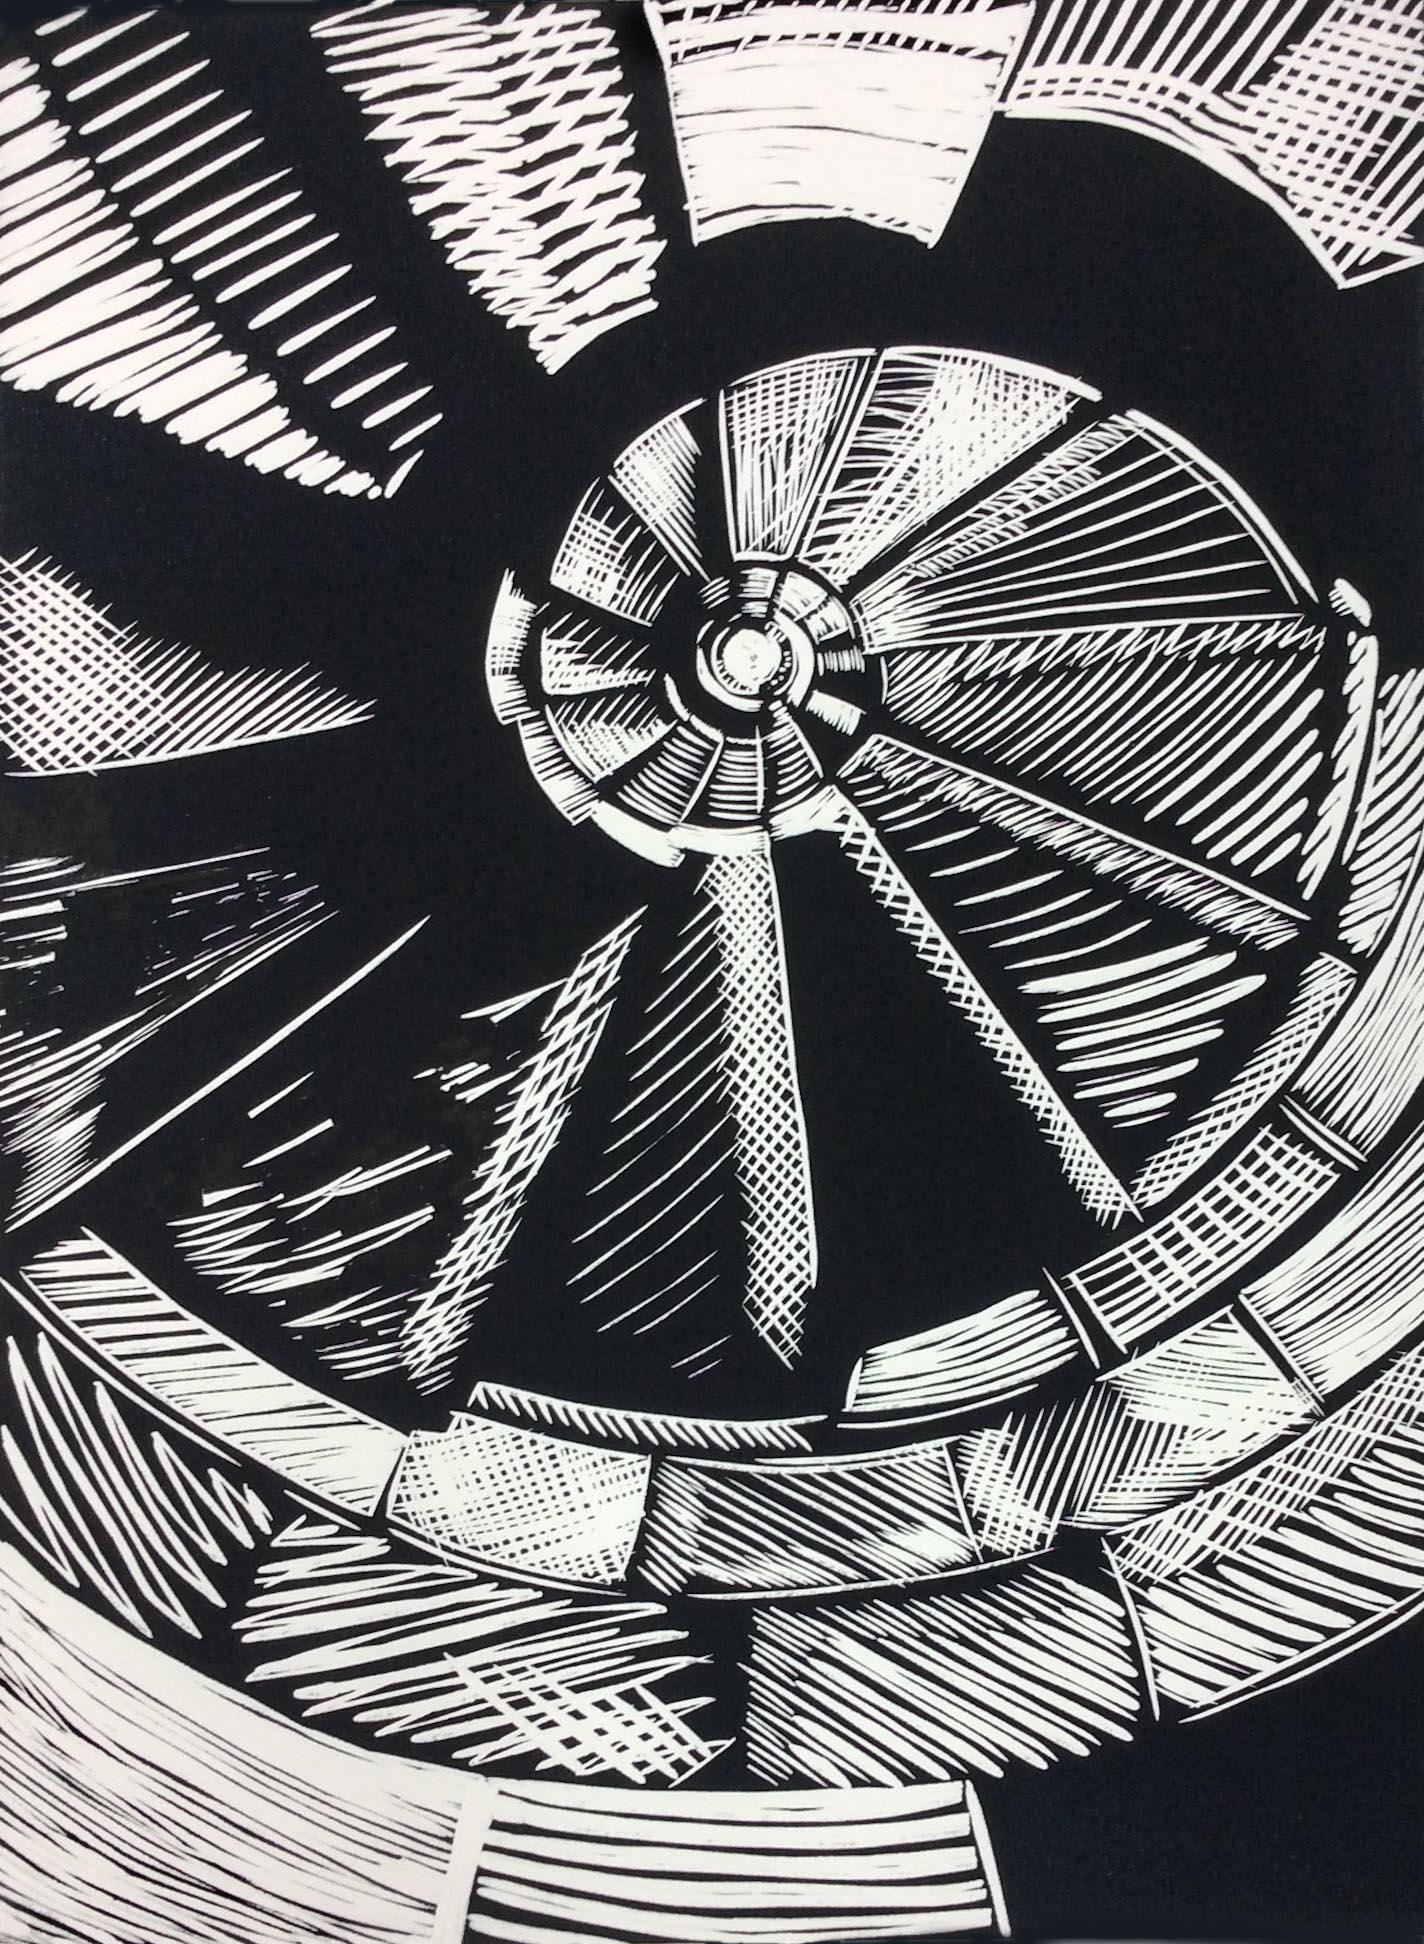 Sacarada spiral, Linocut